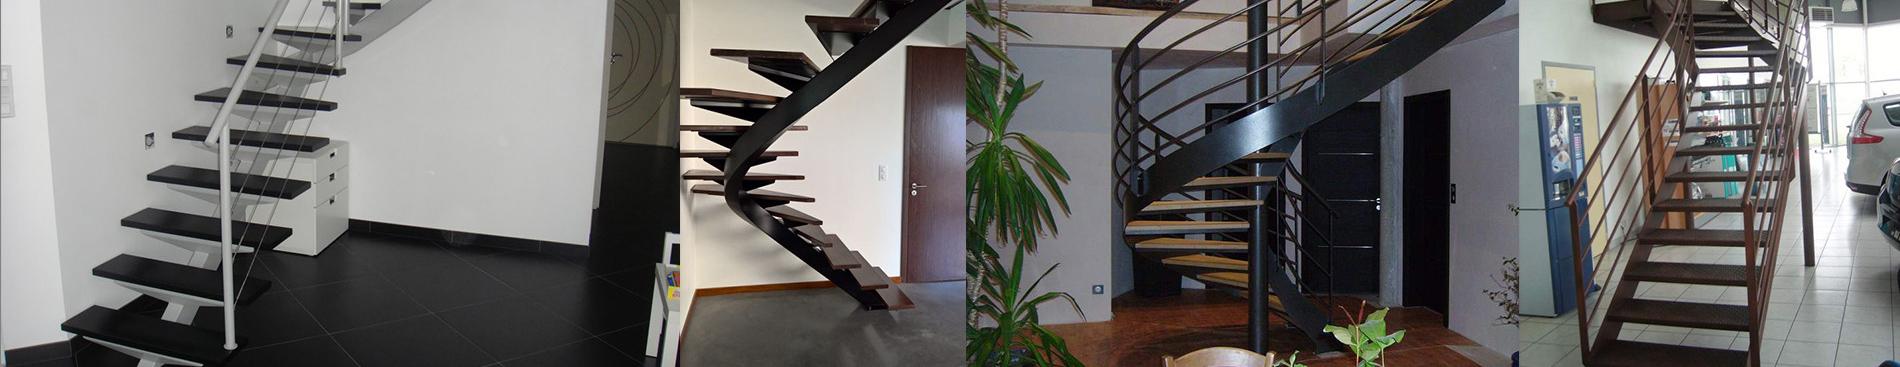 escalier métal sur mesure à Cholet